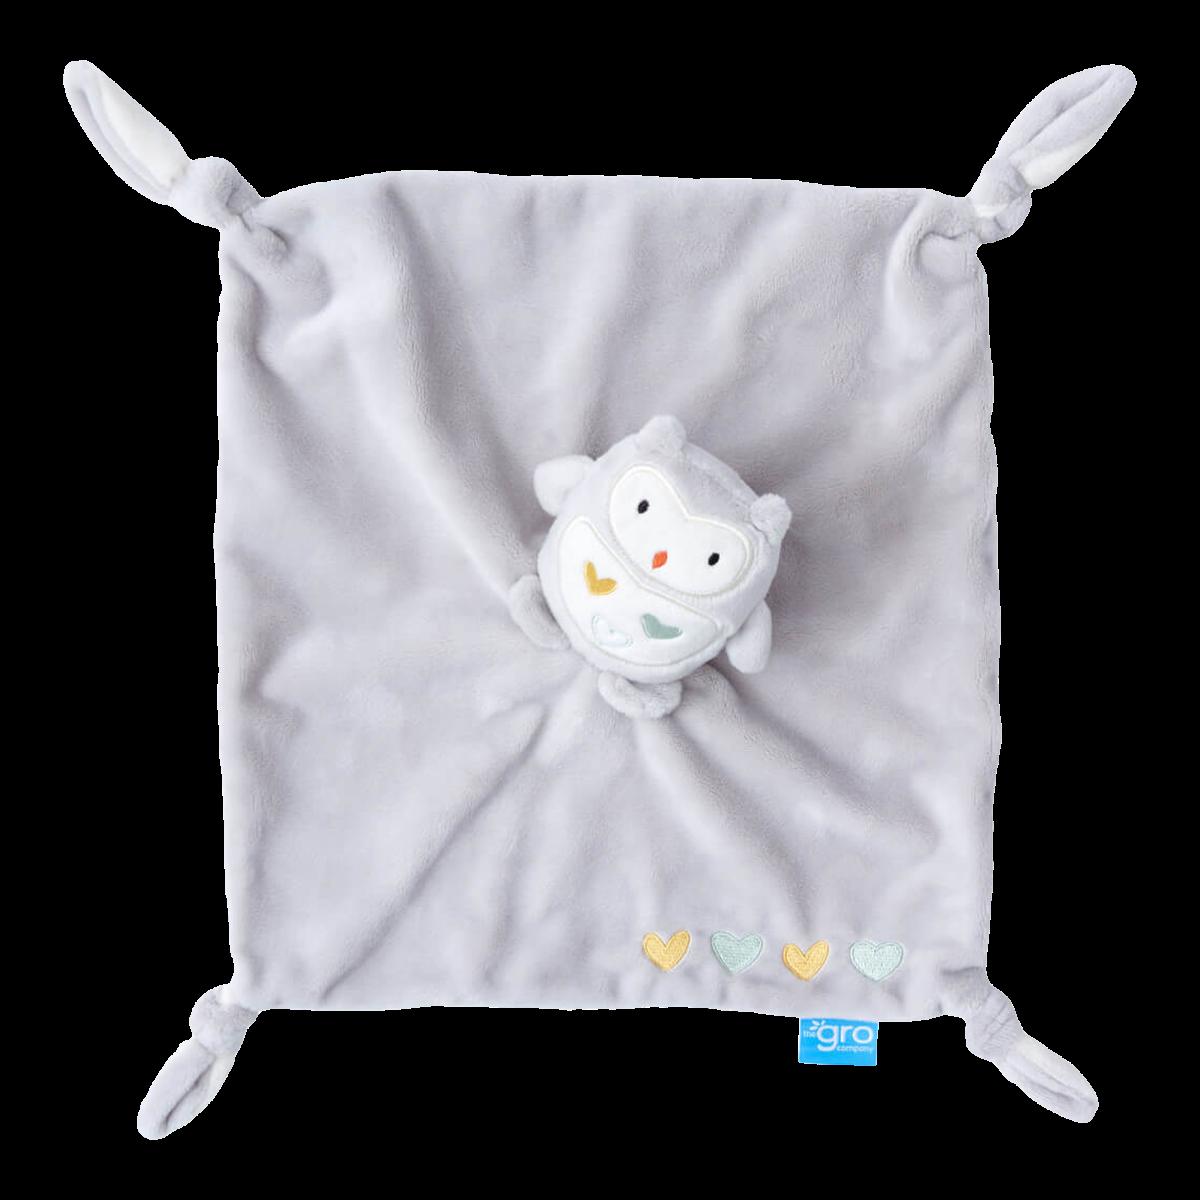 ollie-the-owl-gro-comforter-soft-velour-material